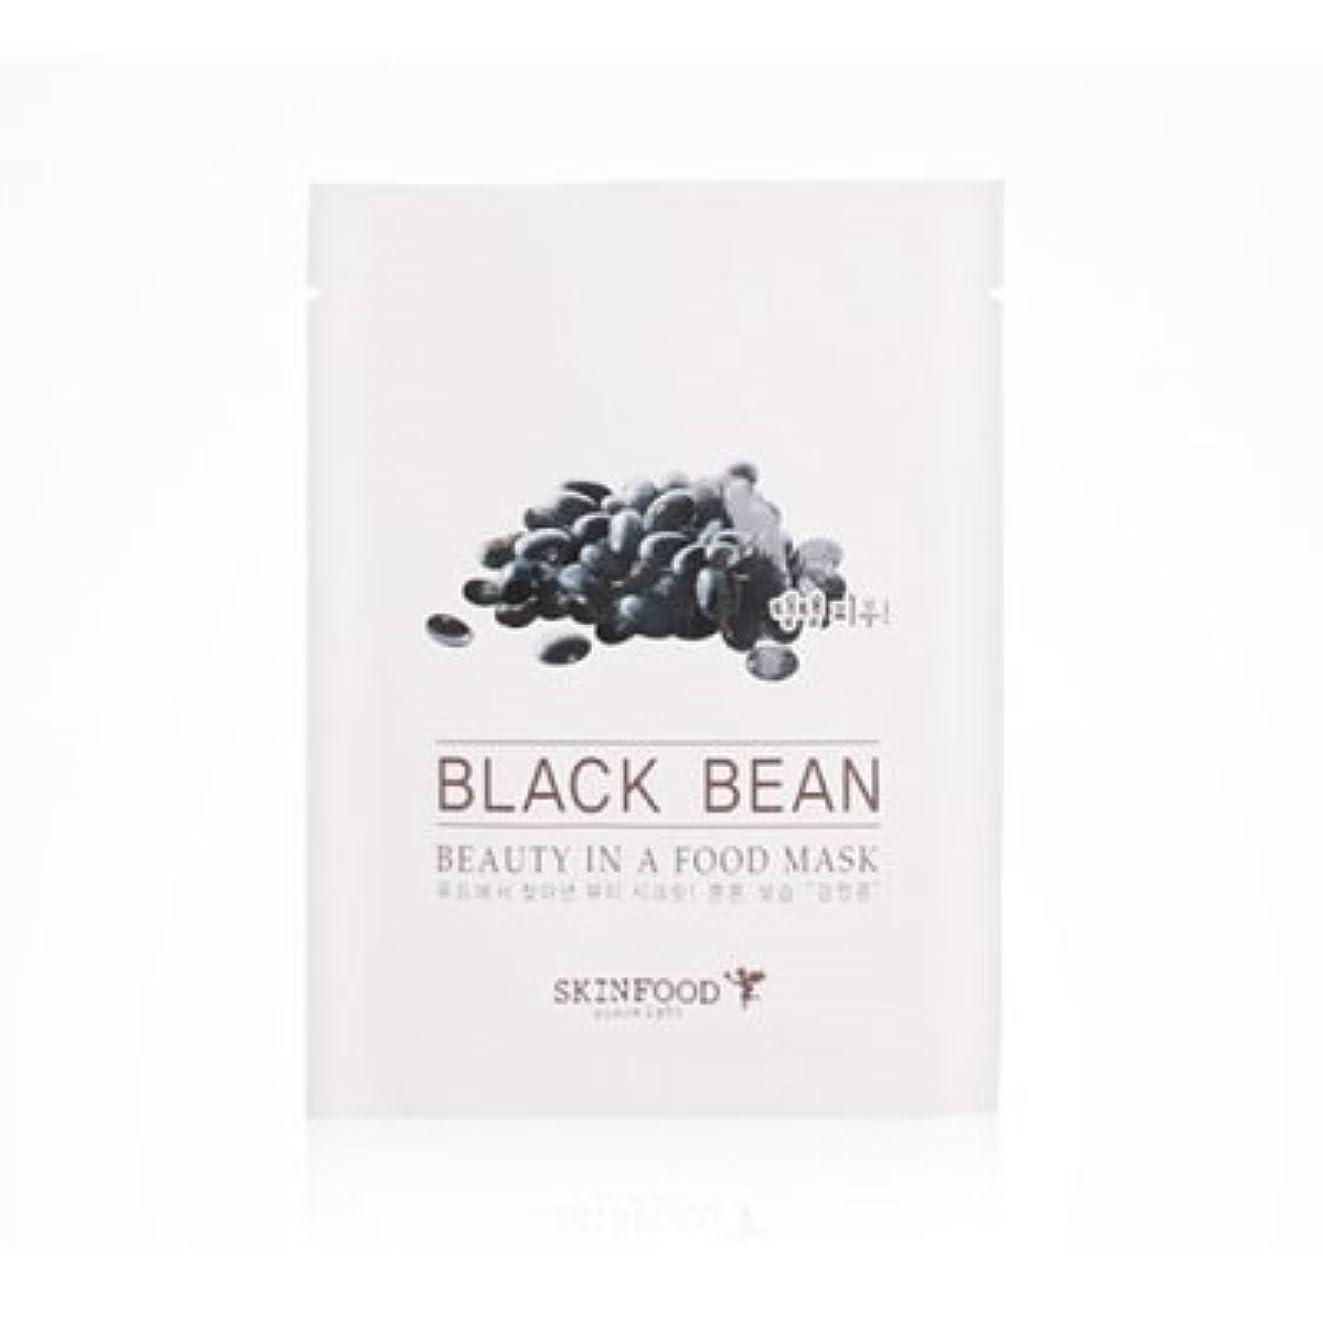 ストラトフォードオンエイボン代表愚かSKINFOOD Beauty in a Food Mask Sheet 5EA (BLACK BEAN) / スキンフード ビューティー イン ア フード マスクシート [並行輸入品]